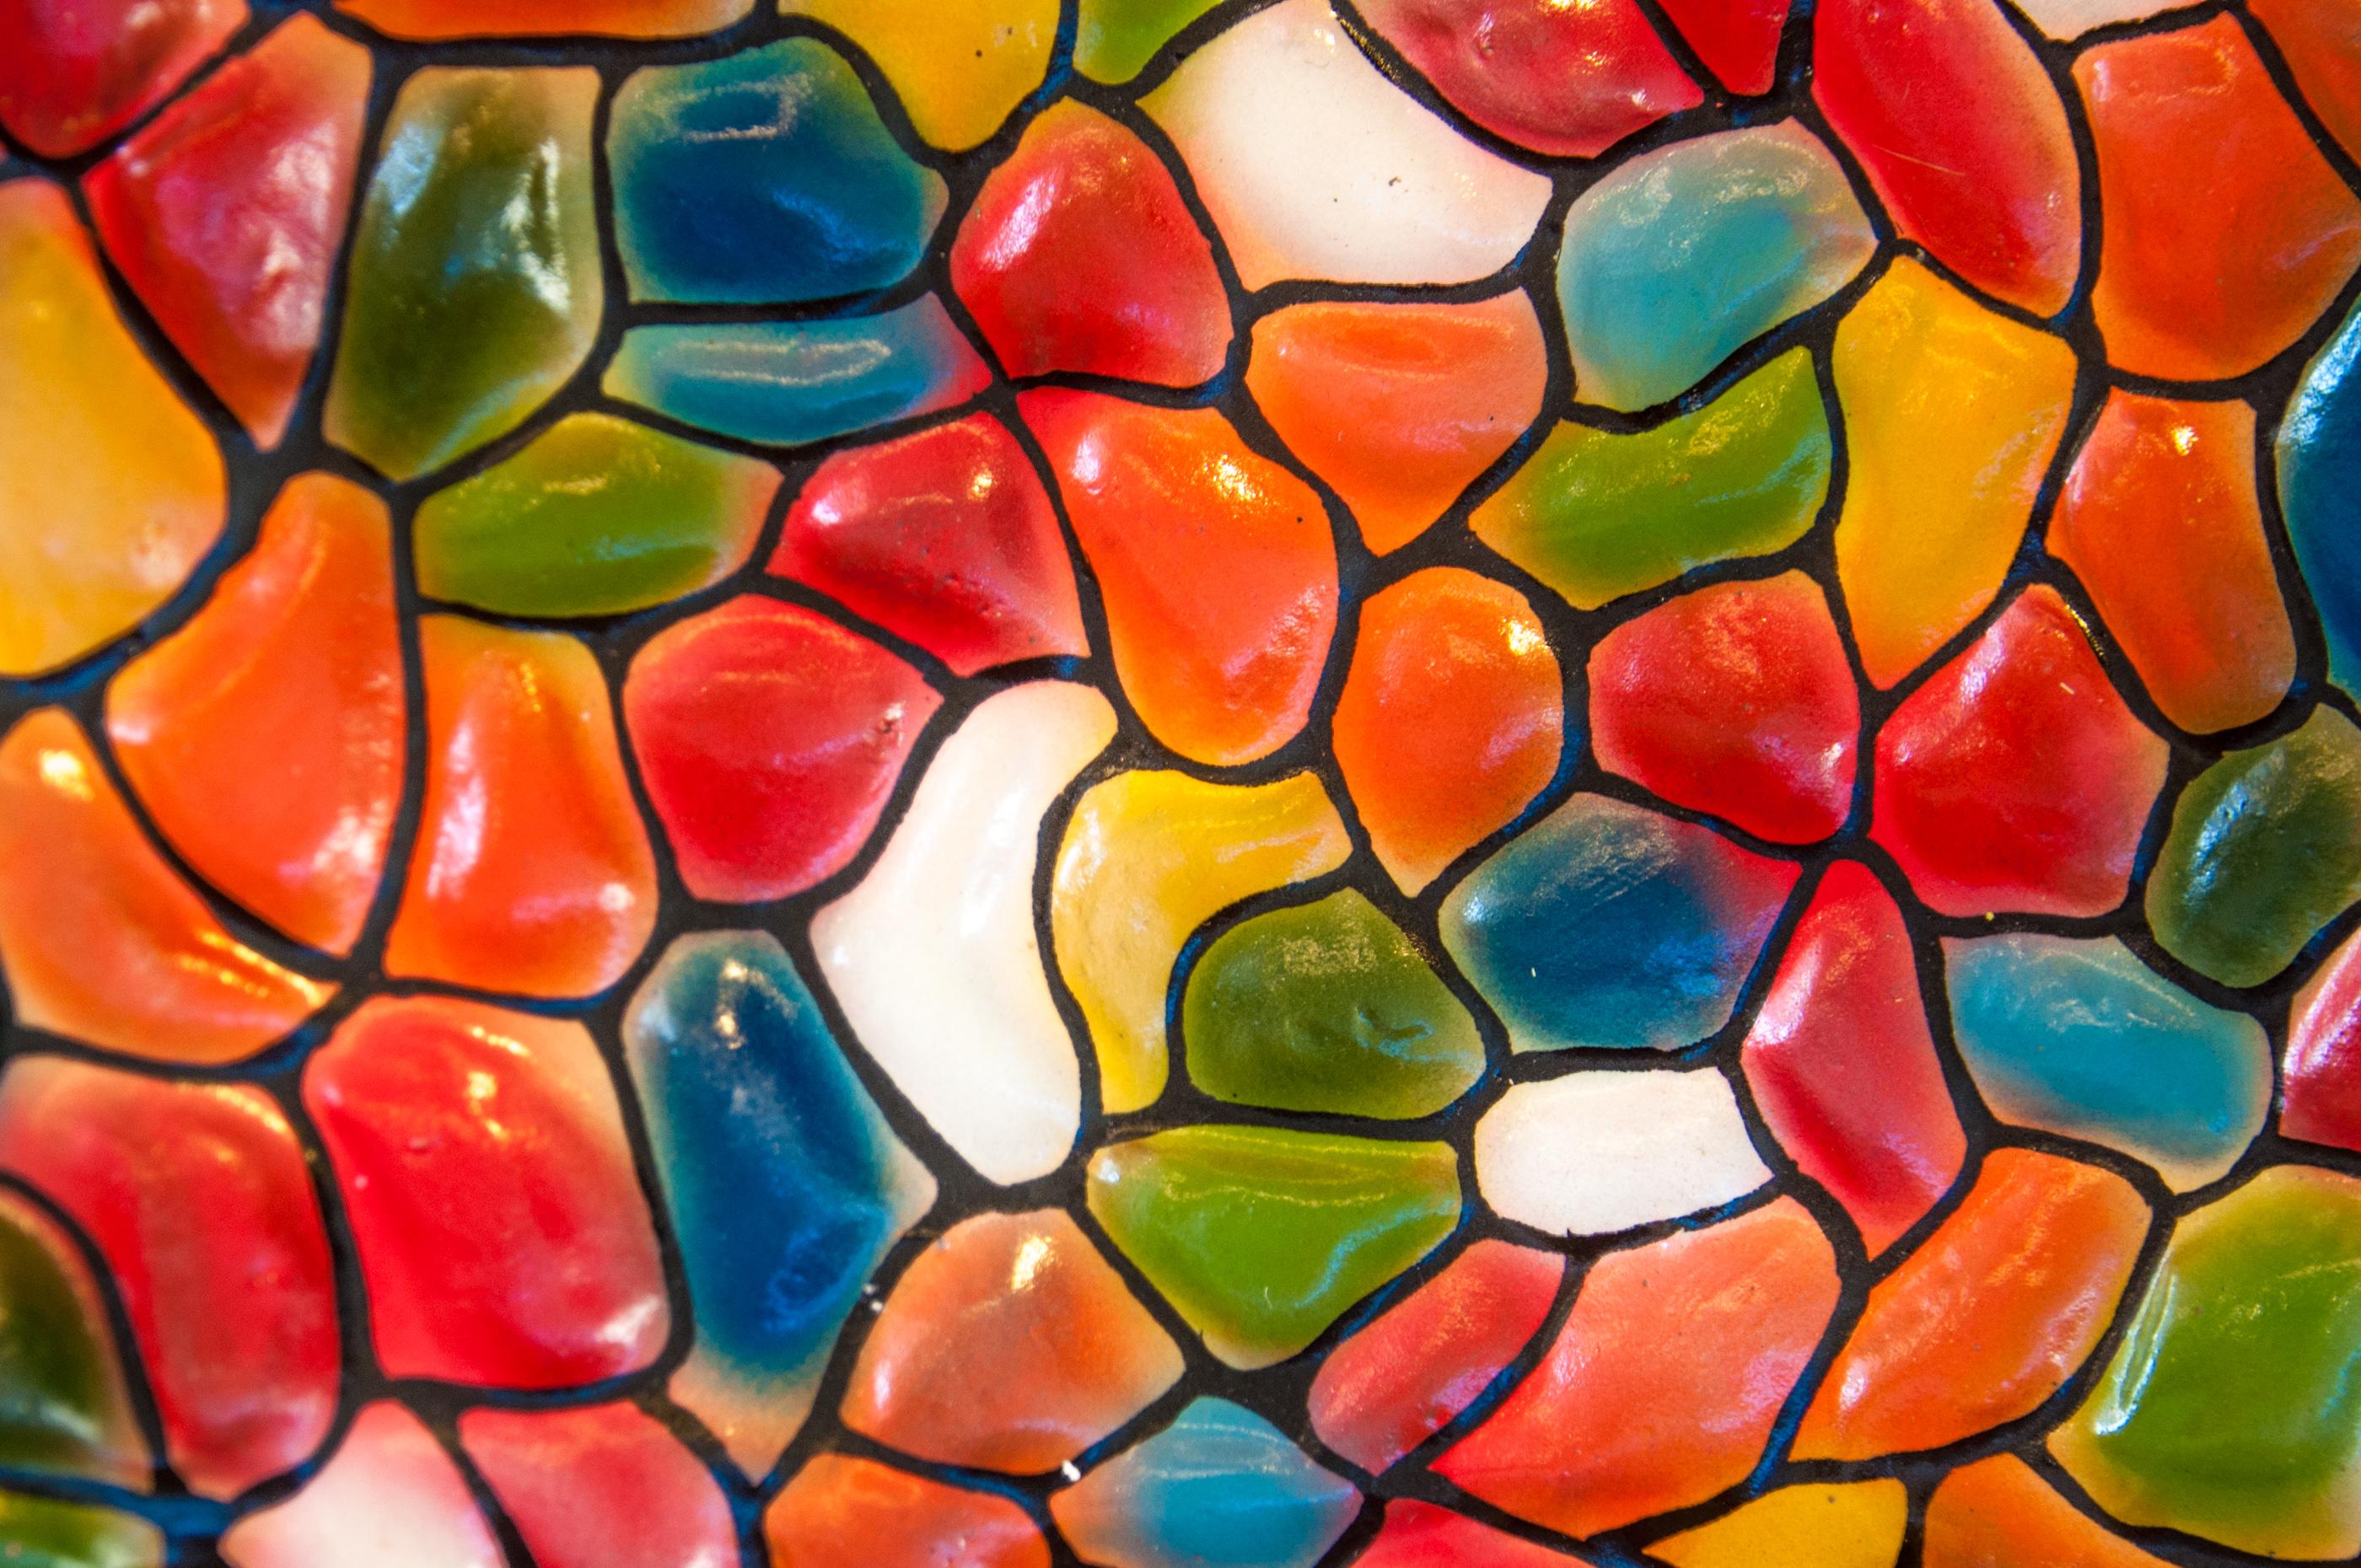 Popular Wallpaper Marble Colorful - colorful-ceramic-tiles-wallpaper  Image_893629.jpg